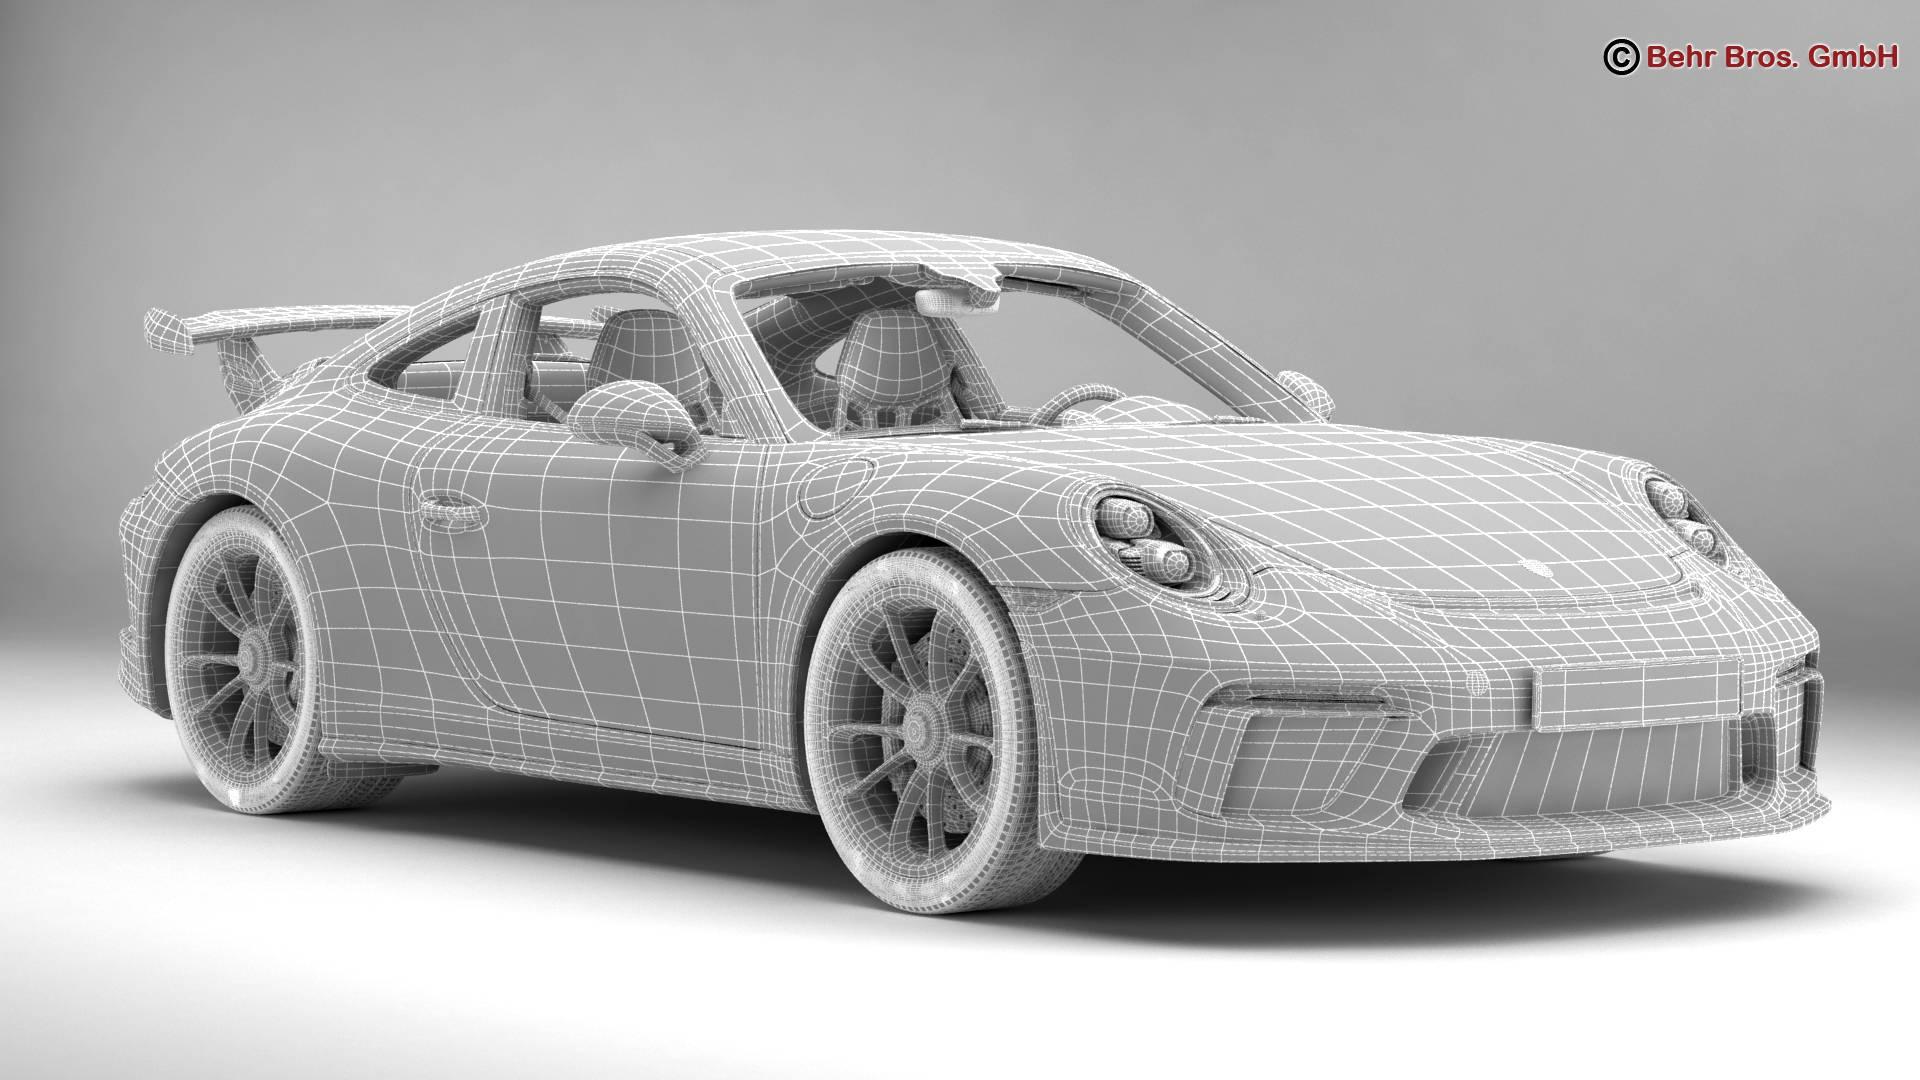 porsche 911 gt3 2018 3d model 3ds max fbx c4d lwo ma mb obj 265909